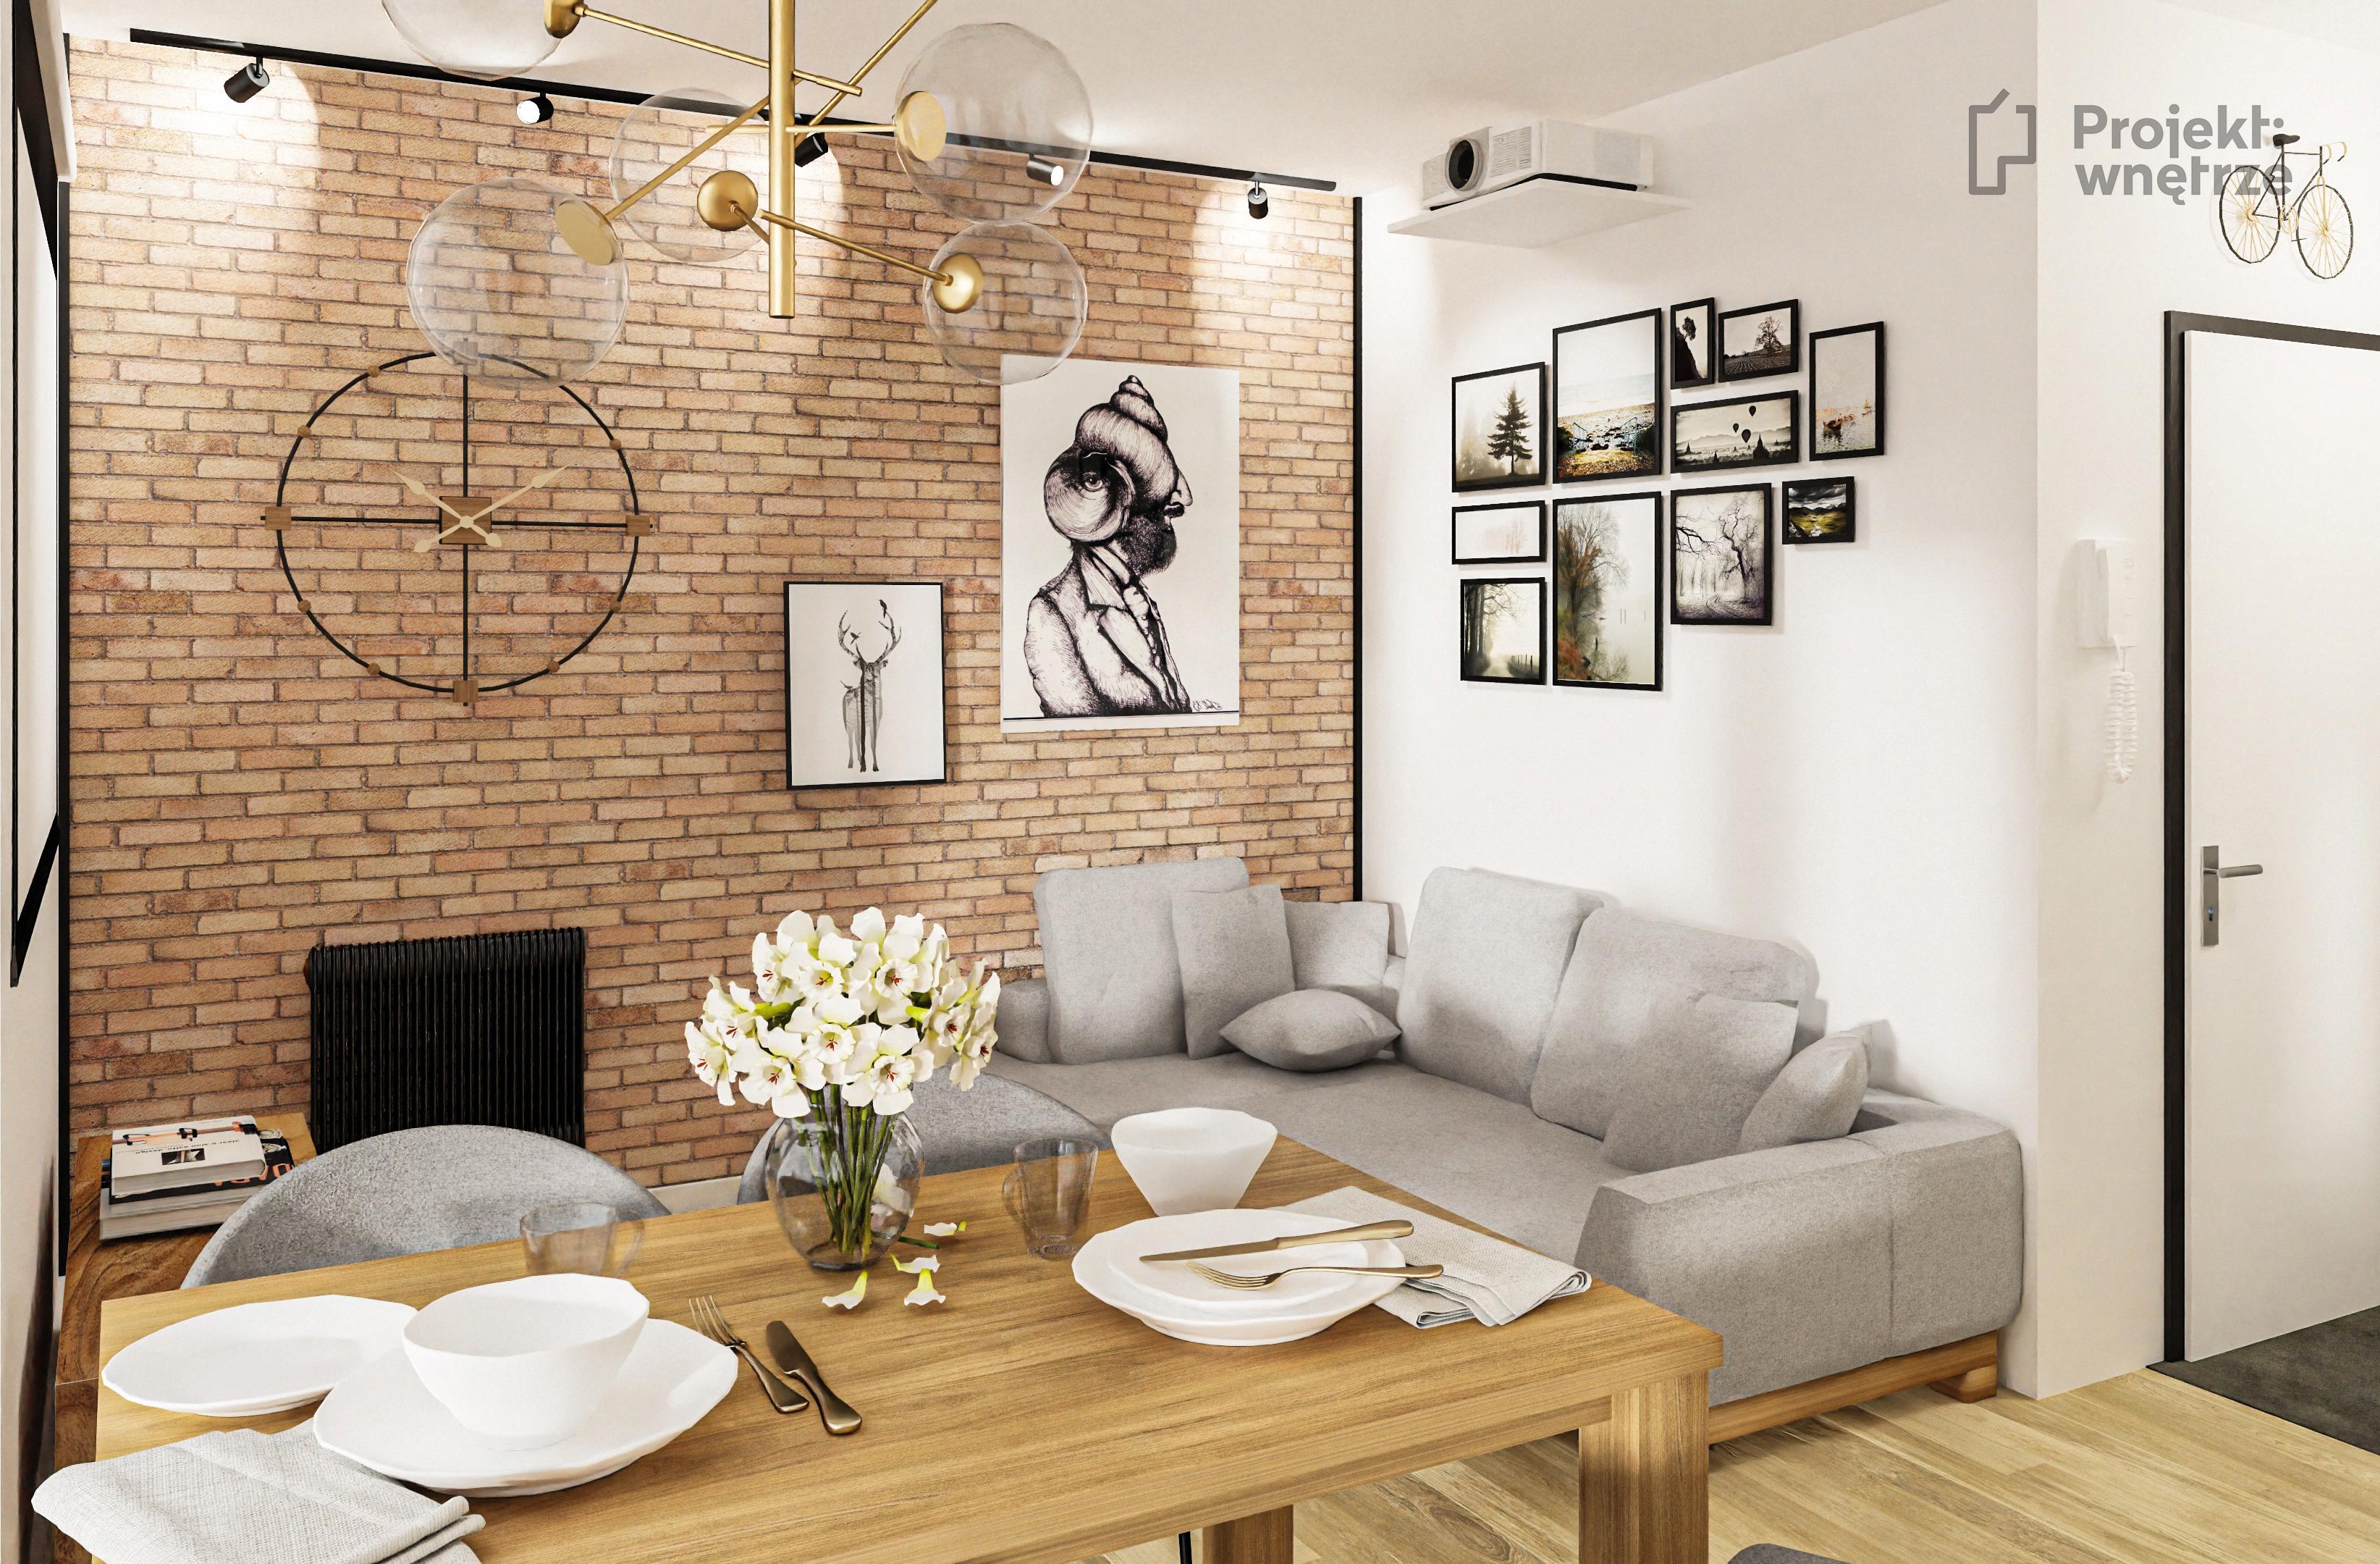 Mieszkanie soft loft salon korytarz - projekt mieszkania Projekt: wnętrze www.projektwnetrze.com.pl